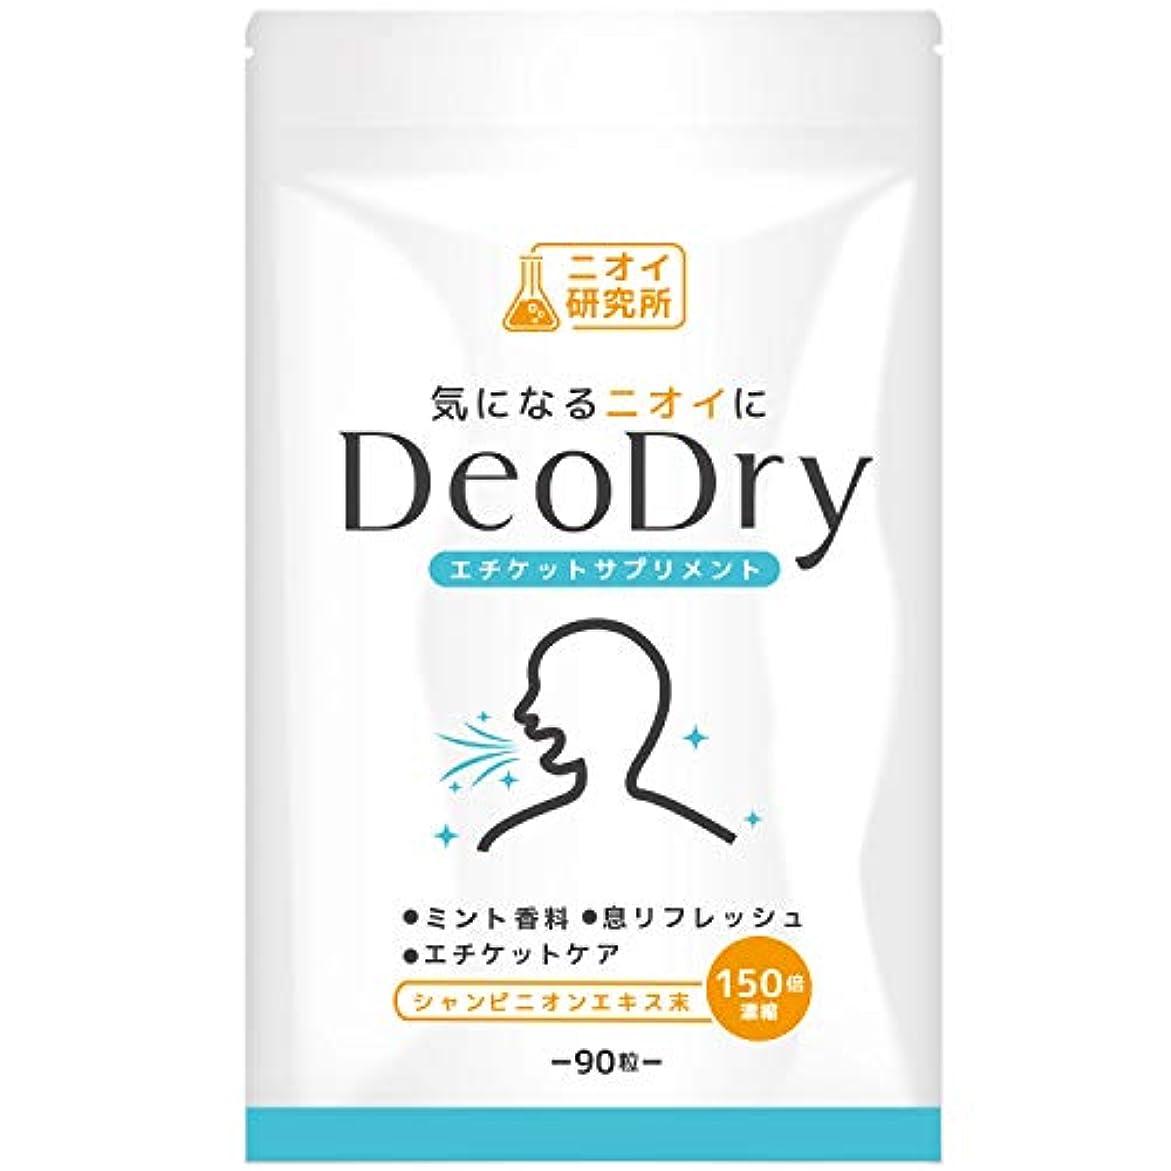 しないでください複雑でない契約したニオイ研究所 DeoDry シャンピニオン デオアタック 緑茶ポリフェノール 90粒 30日分